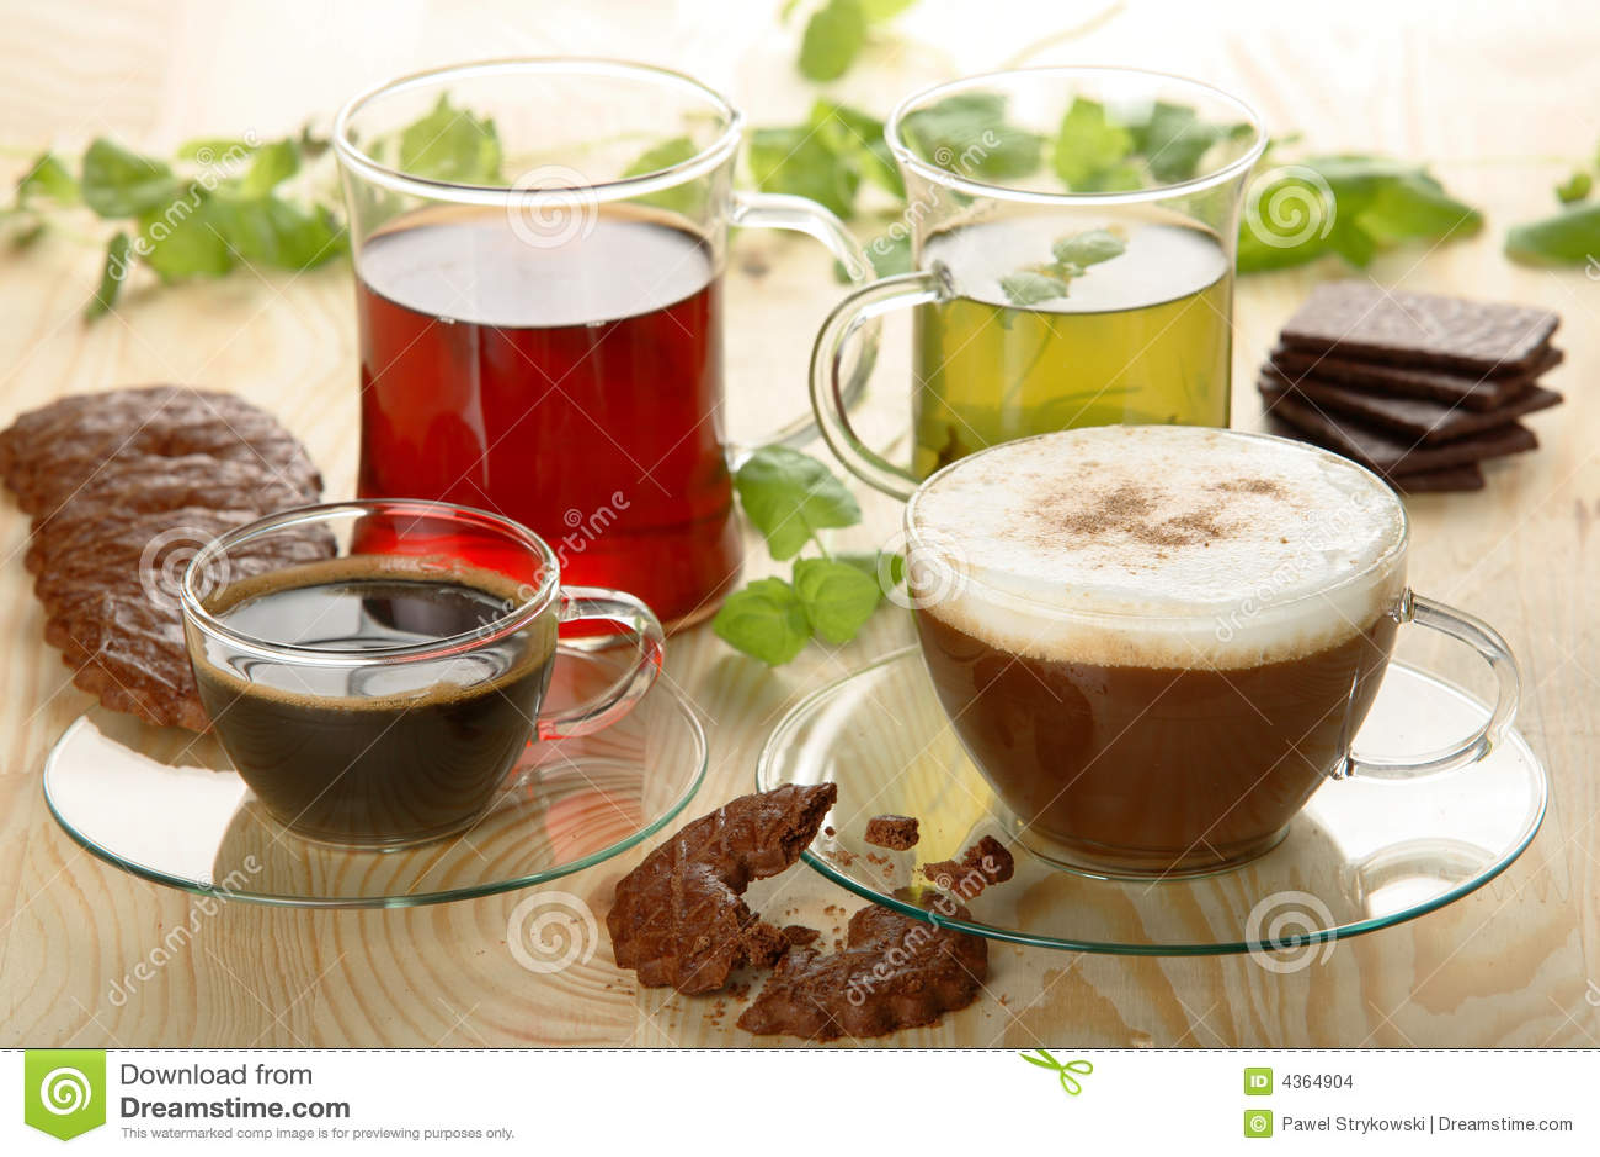 Heiße Getränke Mit Plätzchen Stockfoto - Bild von schwarzes, nährend ...